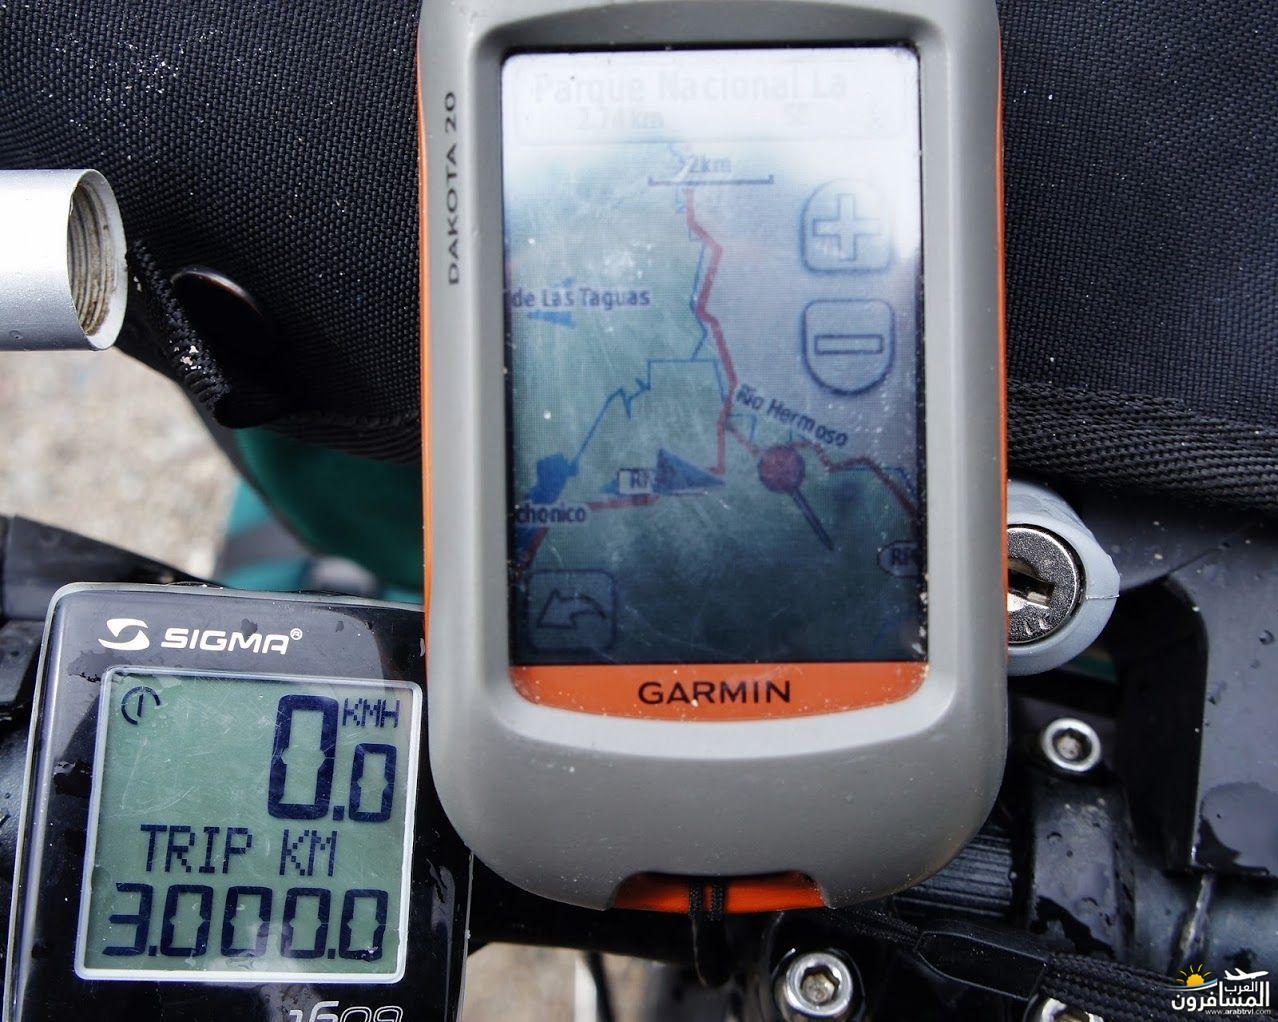 امريكا الجنوبية على الدراجة الهوائية-602435